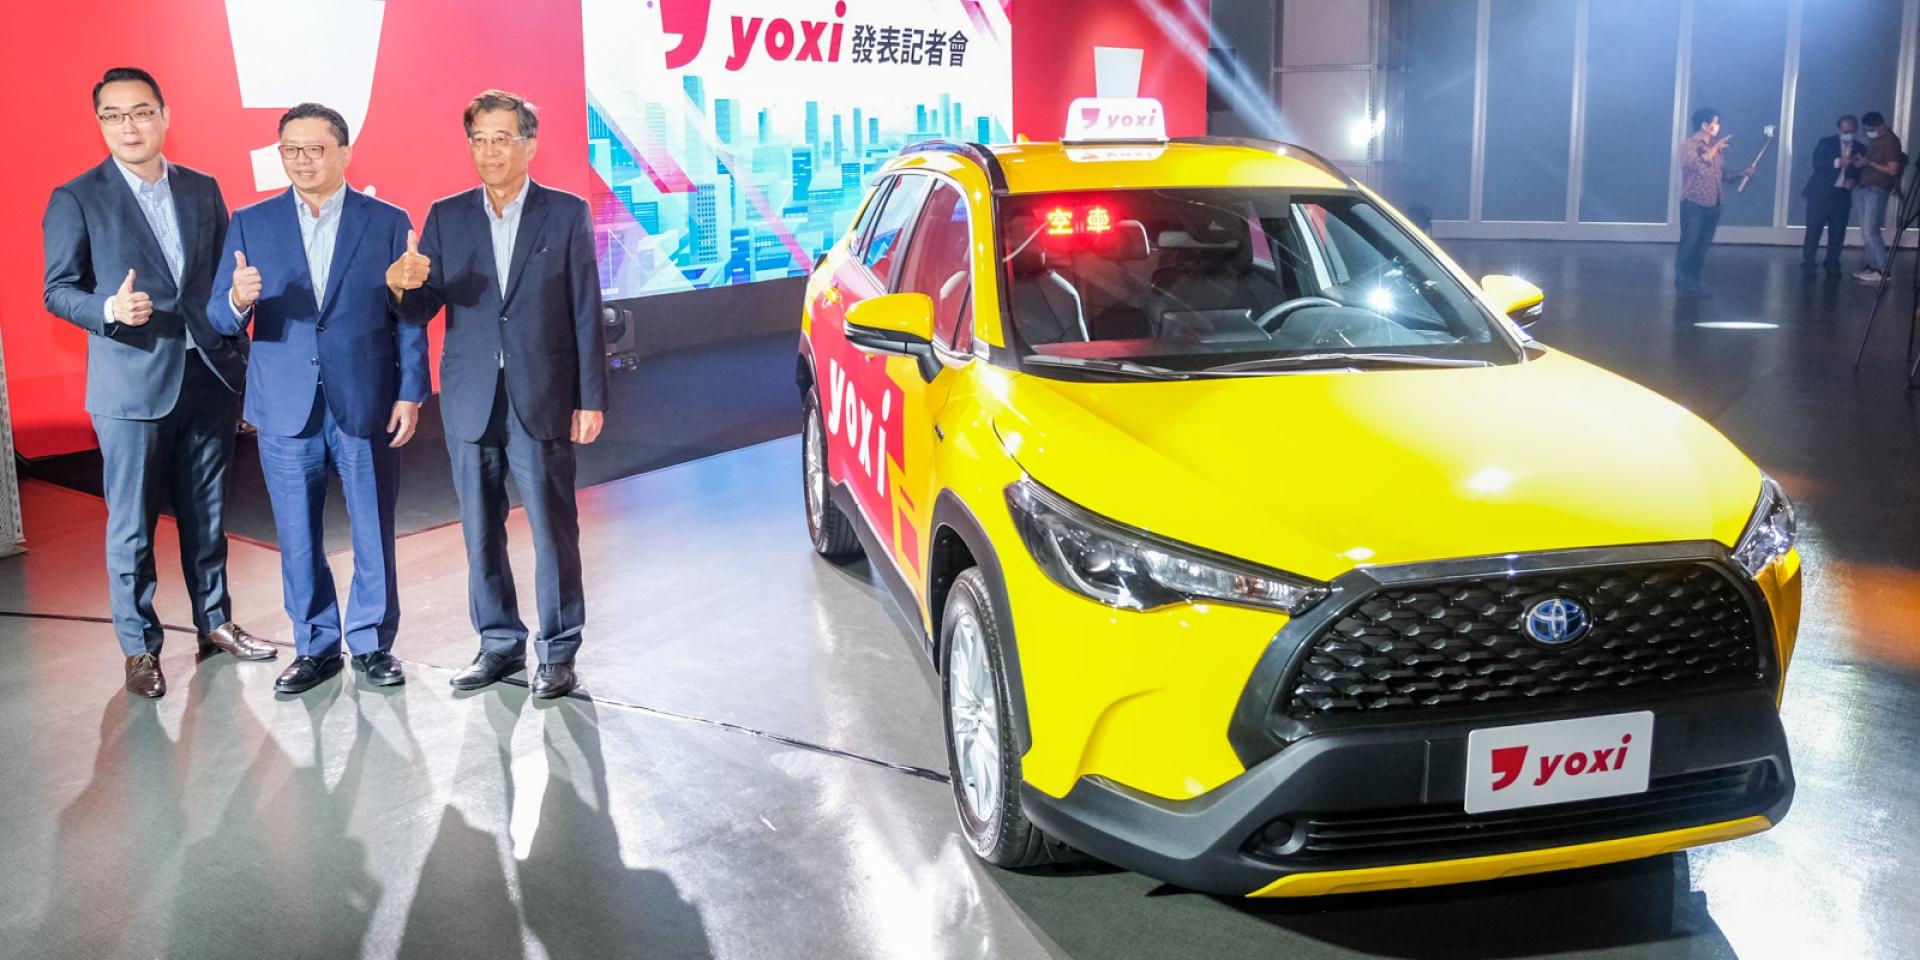 日本TOYOTA支援、全球首個上線地區在台灣!yoxi乘車派遣服務上線